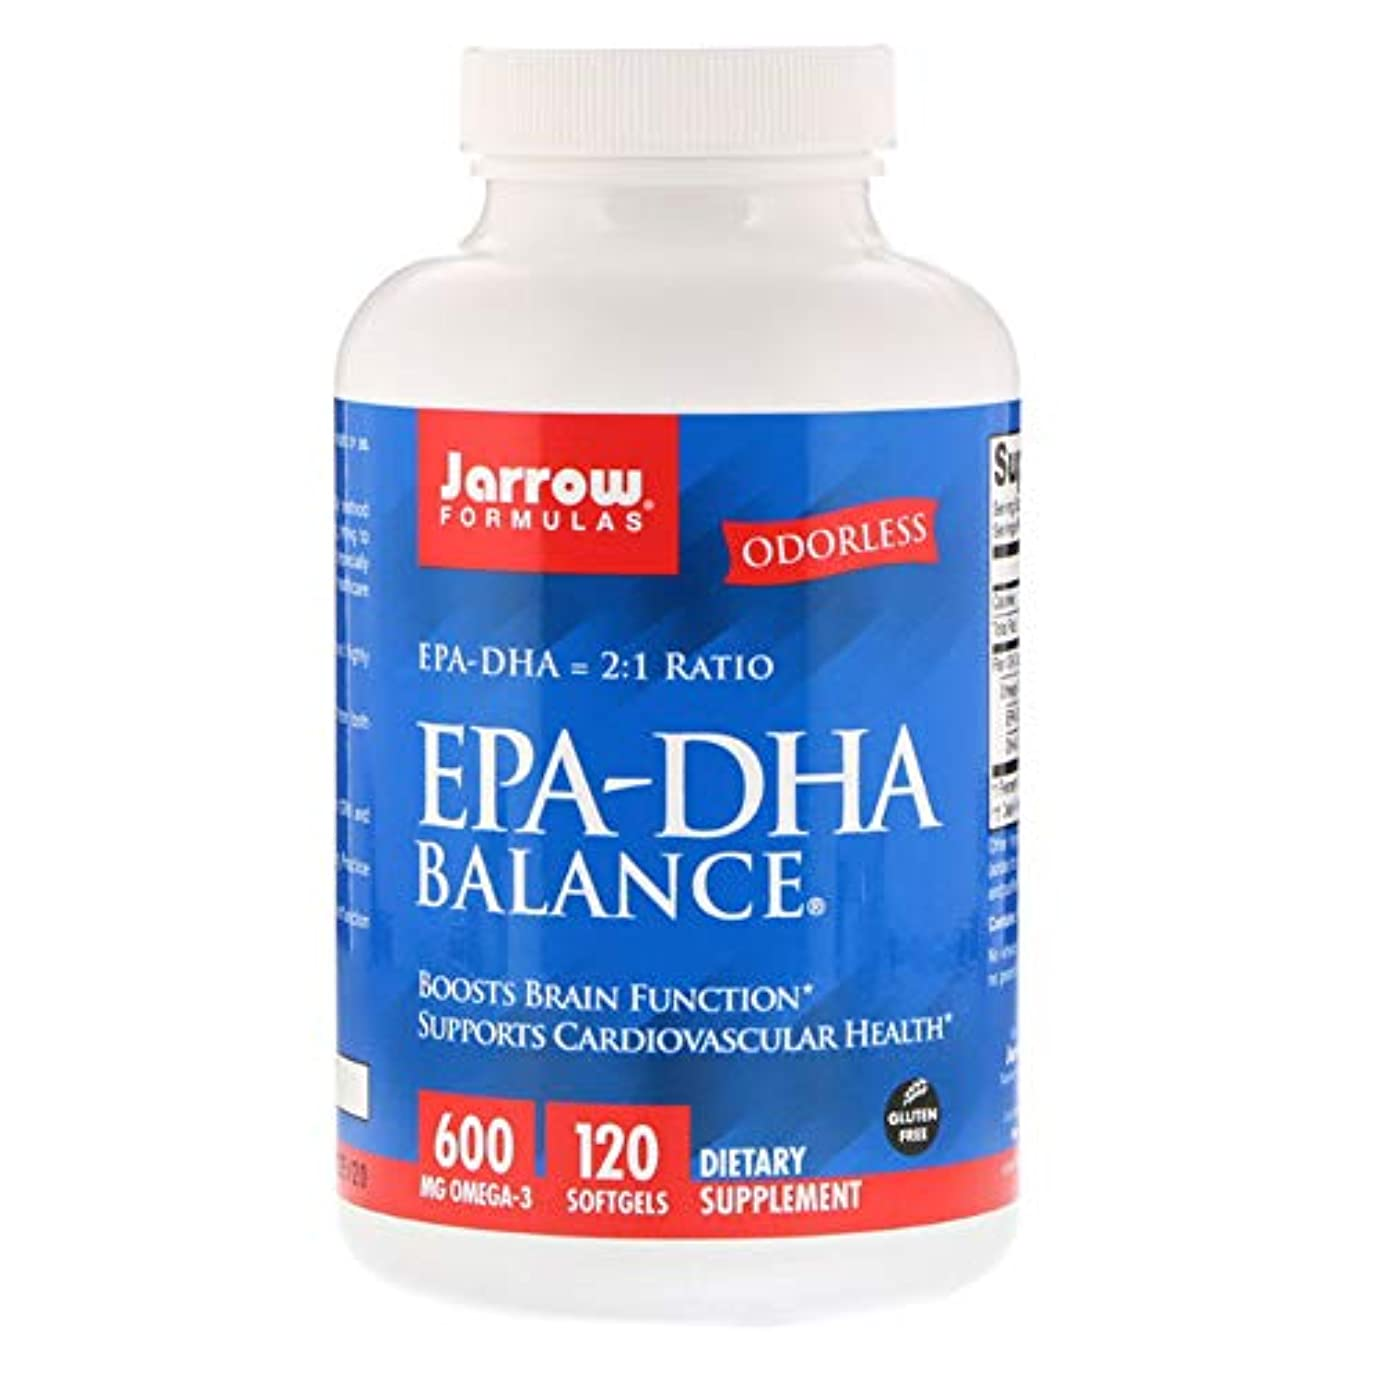 原始的な興奮フェンスJarrow Formulas EPA DHA Balance ソフトジェル 120粒 【アメリカ直送】